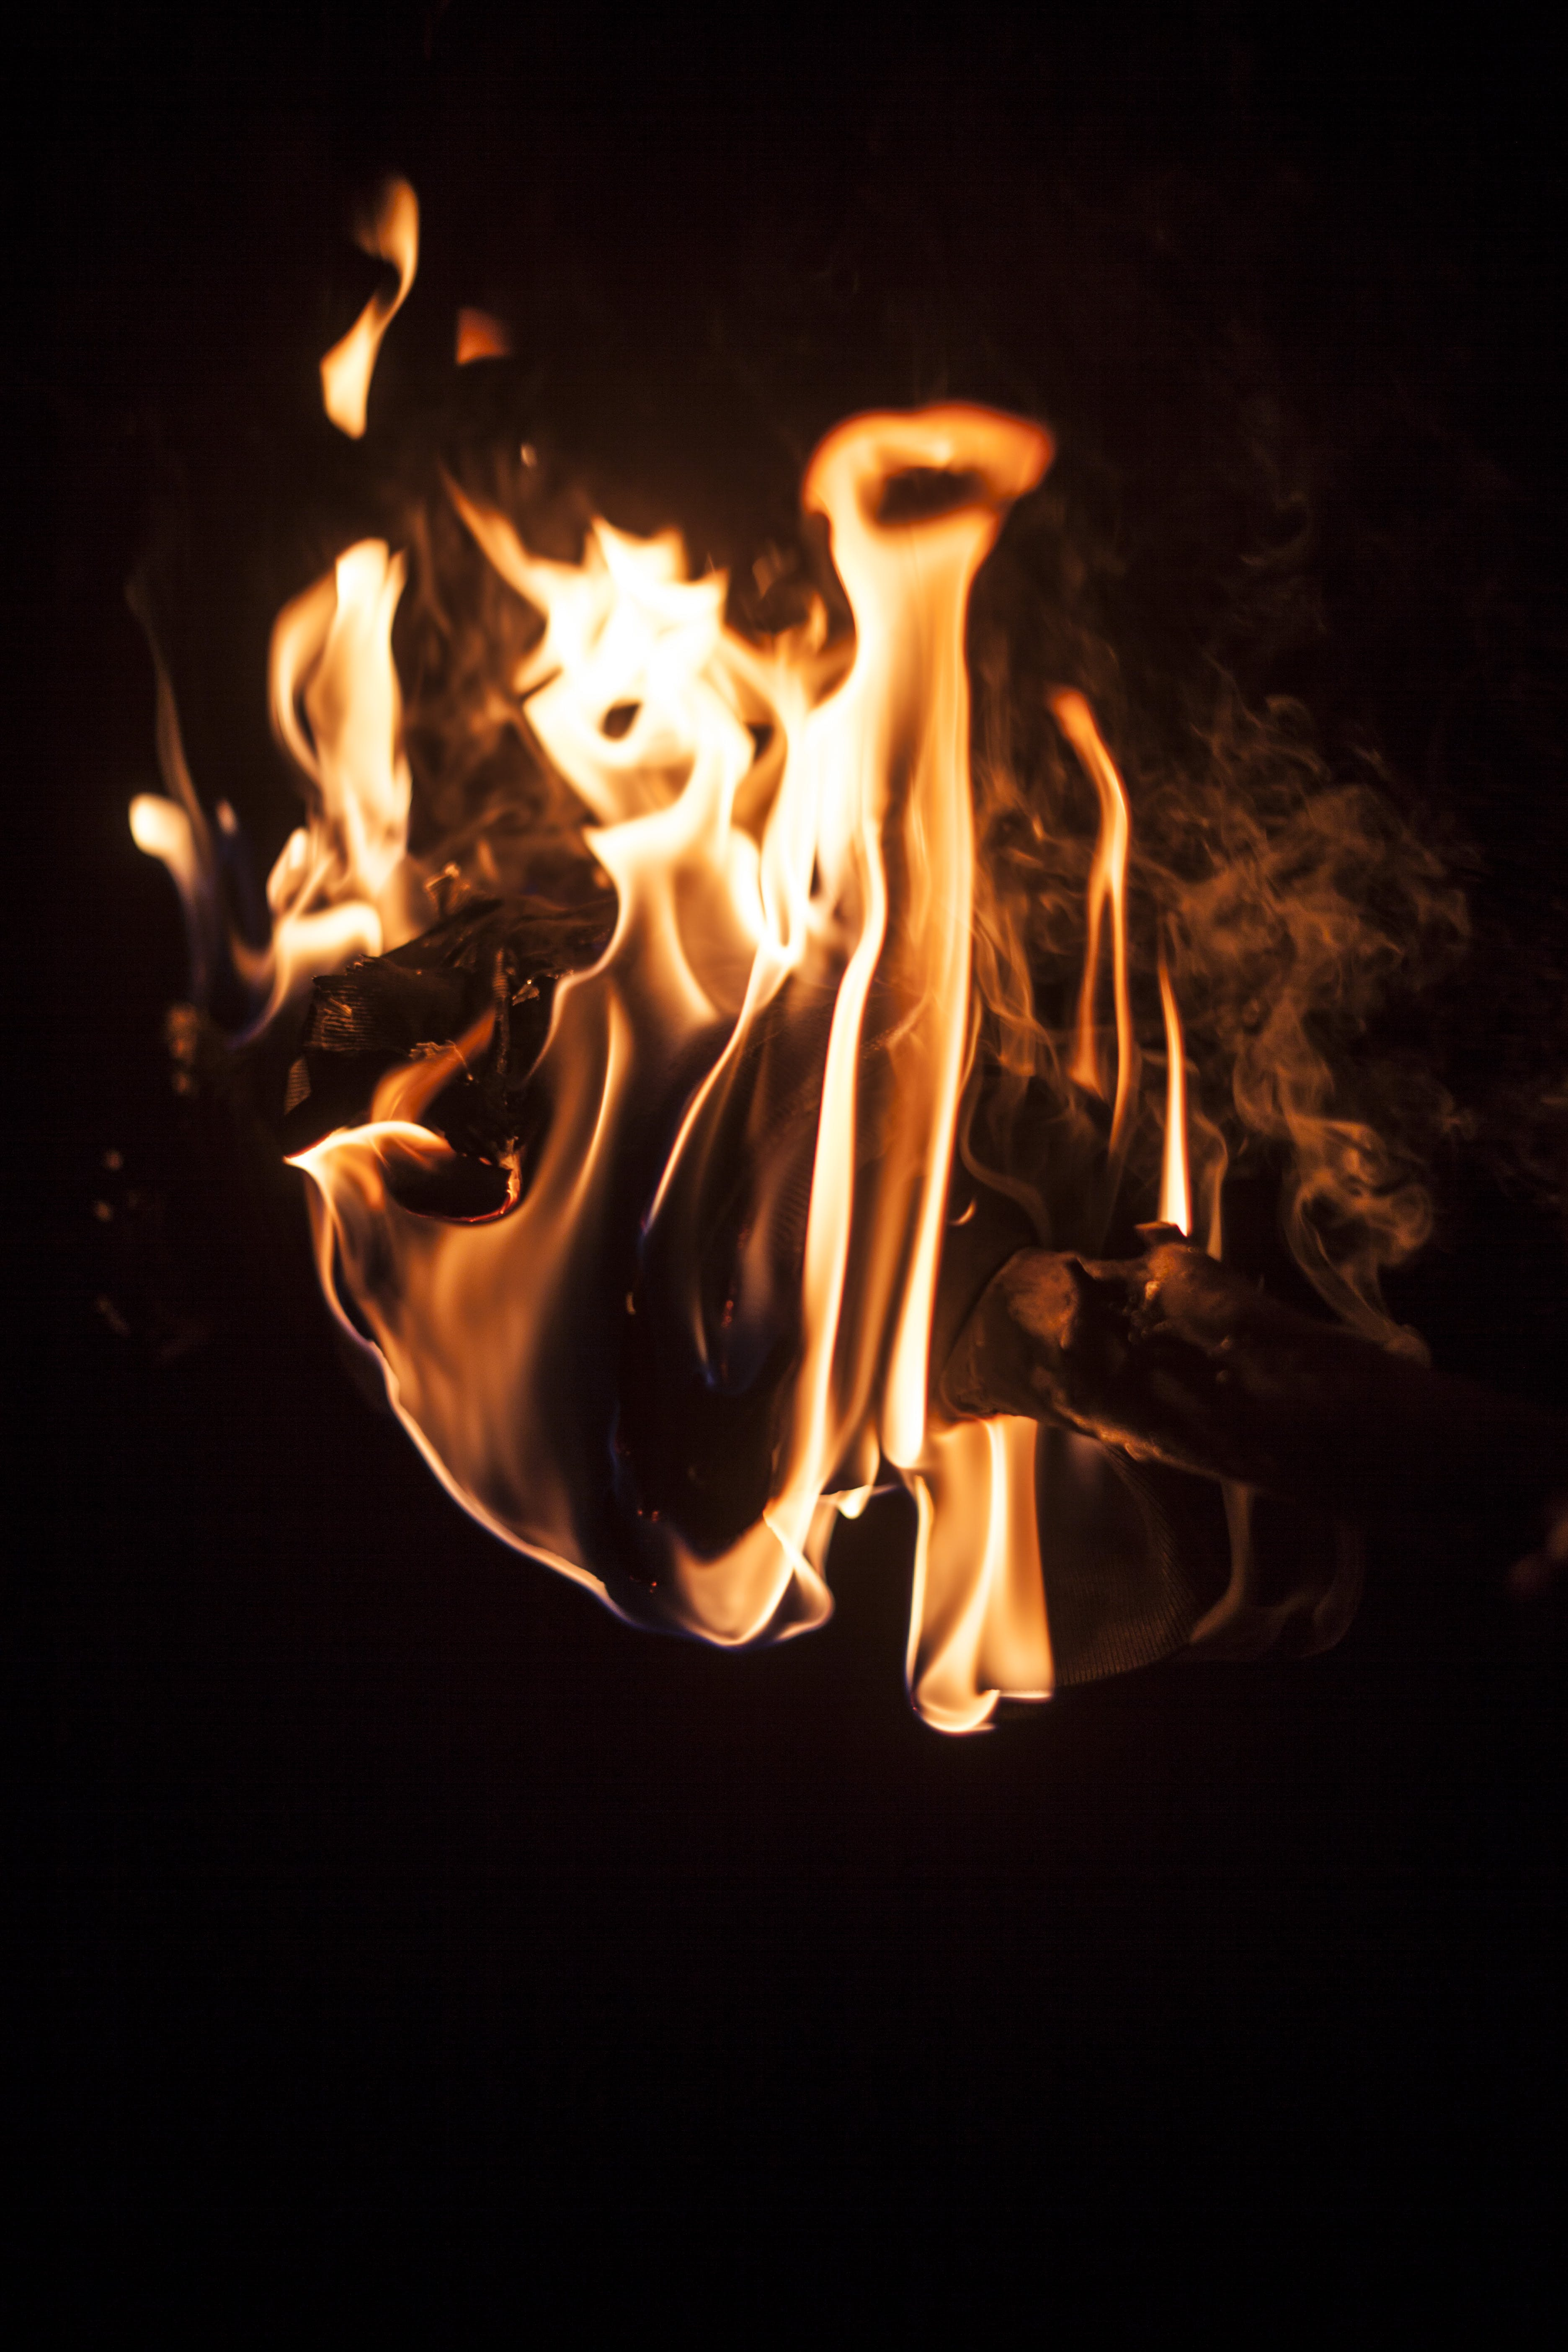 Ảnh lưu trữ miễn phí về lò sưởi, lửa trại, ngọn lửa, nhiệt